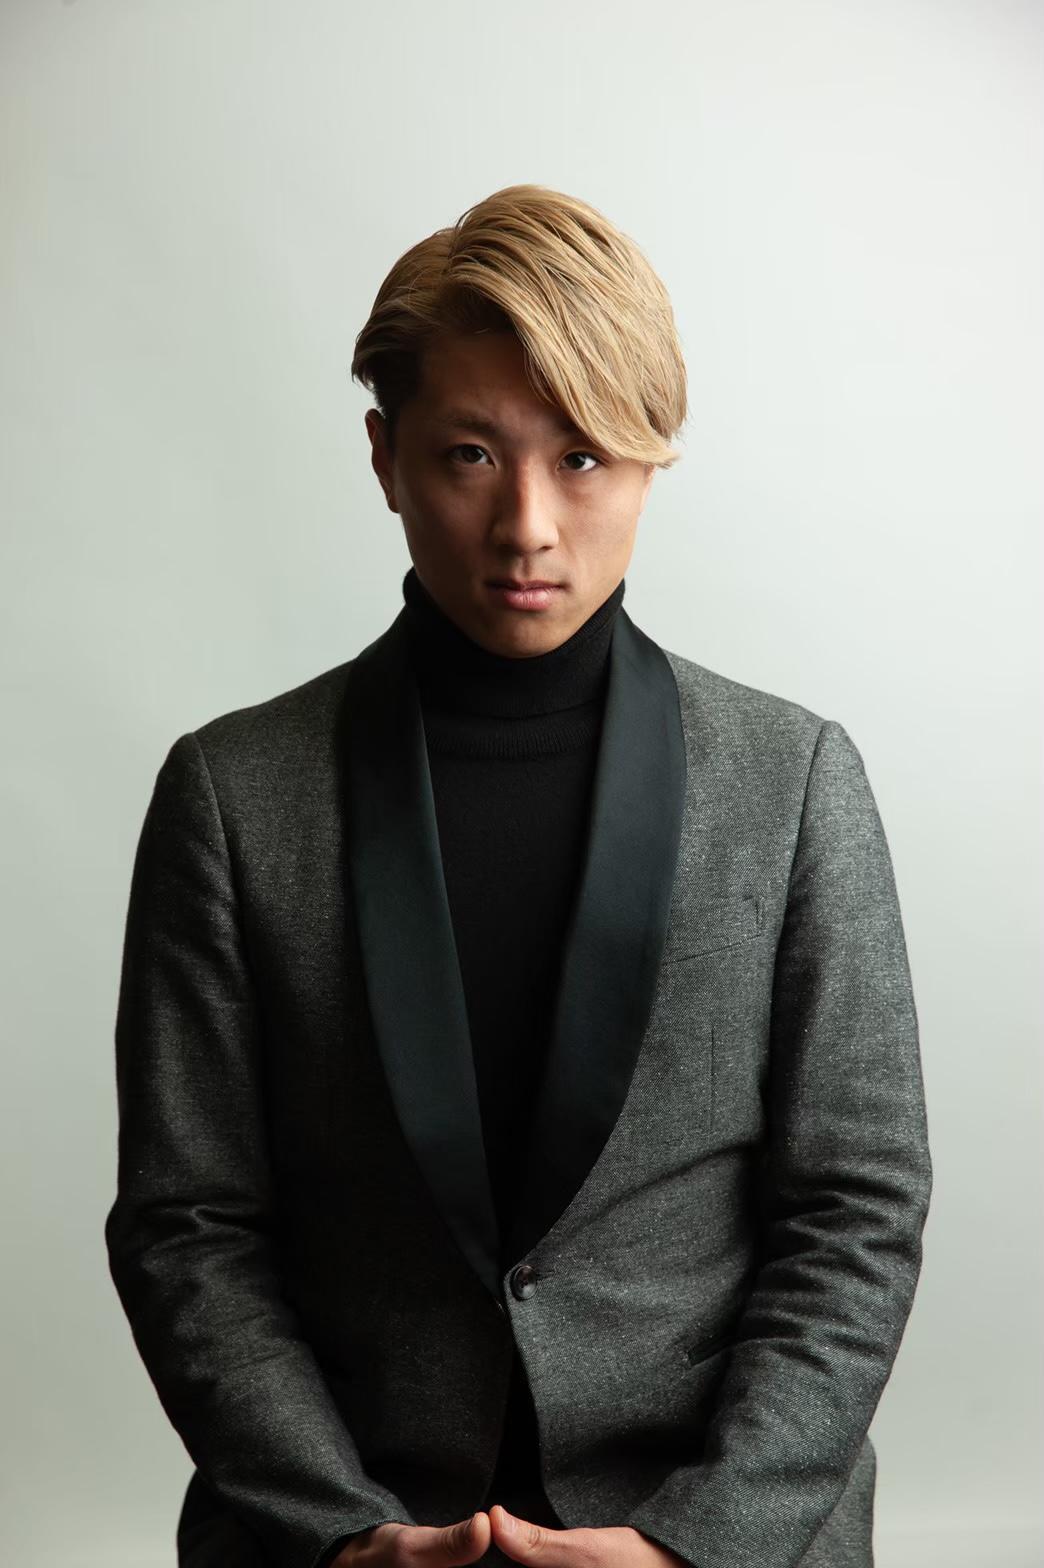 片岡 健志郎